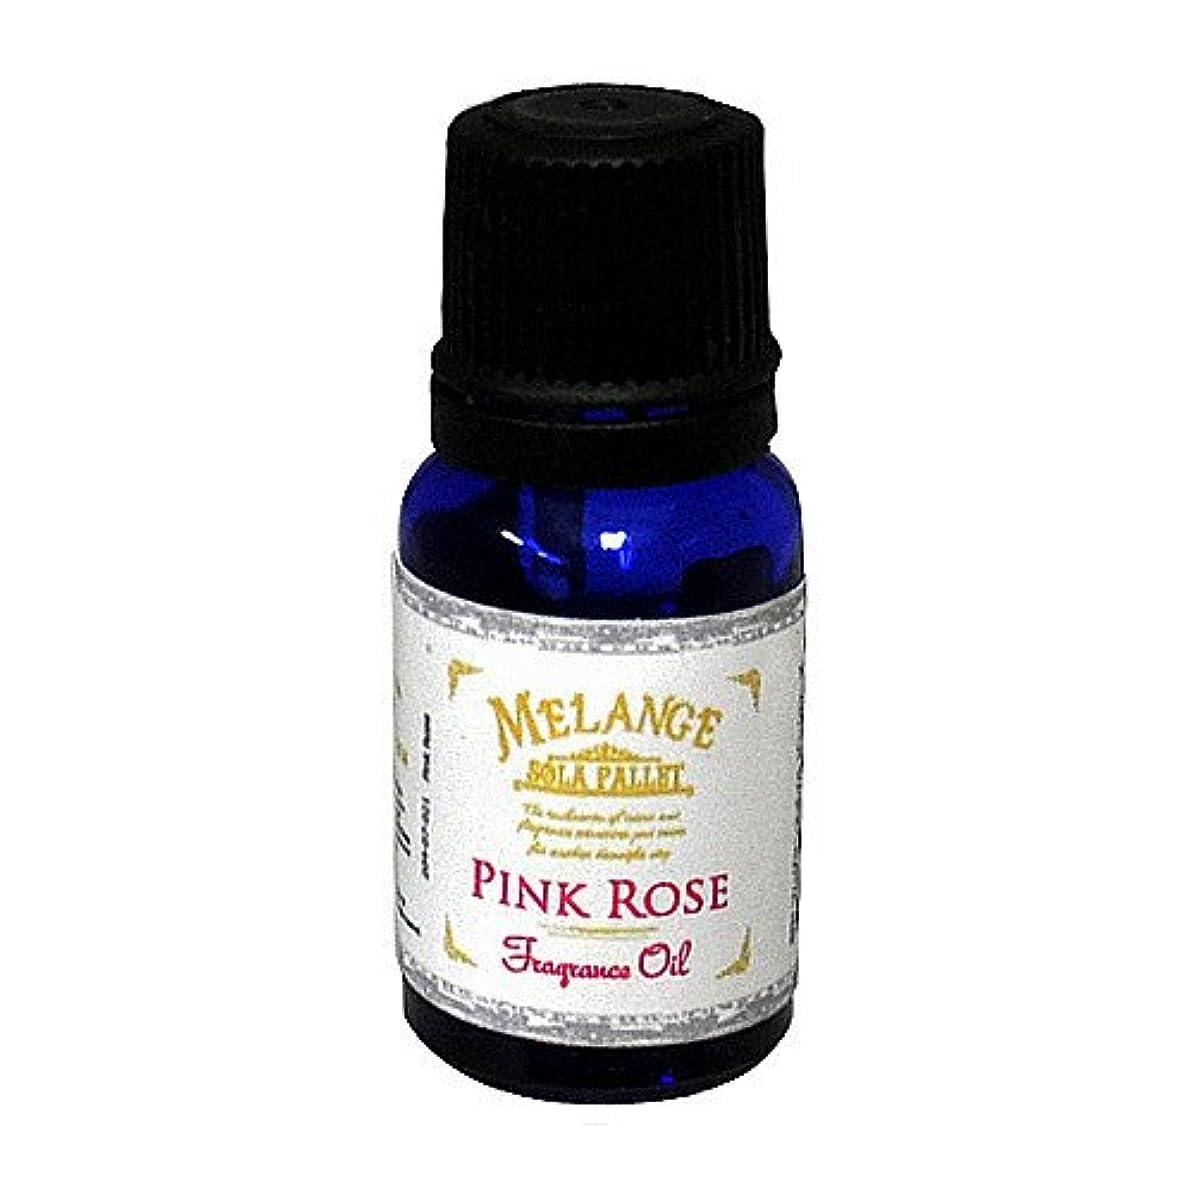 ミネラル肉屋防水SOLA PALLET MELANGE Fragrance Oil フレグランスオイル Pink Rose ピンクローズ